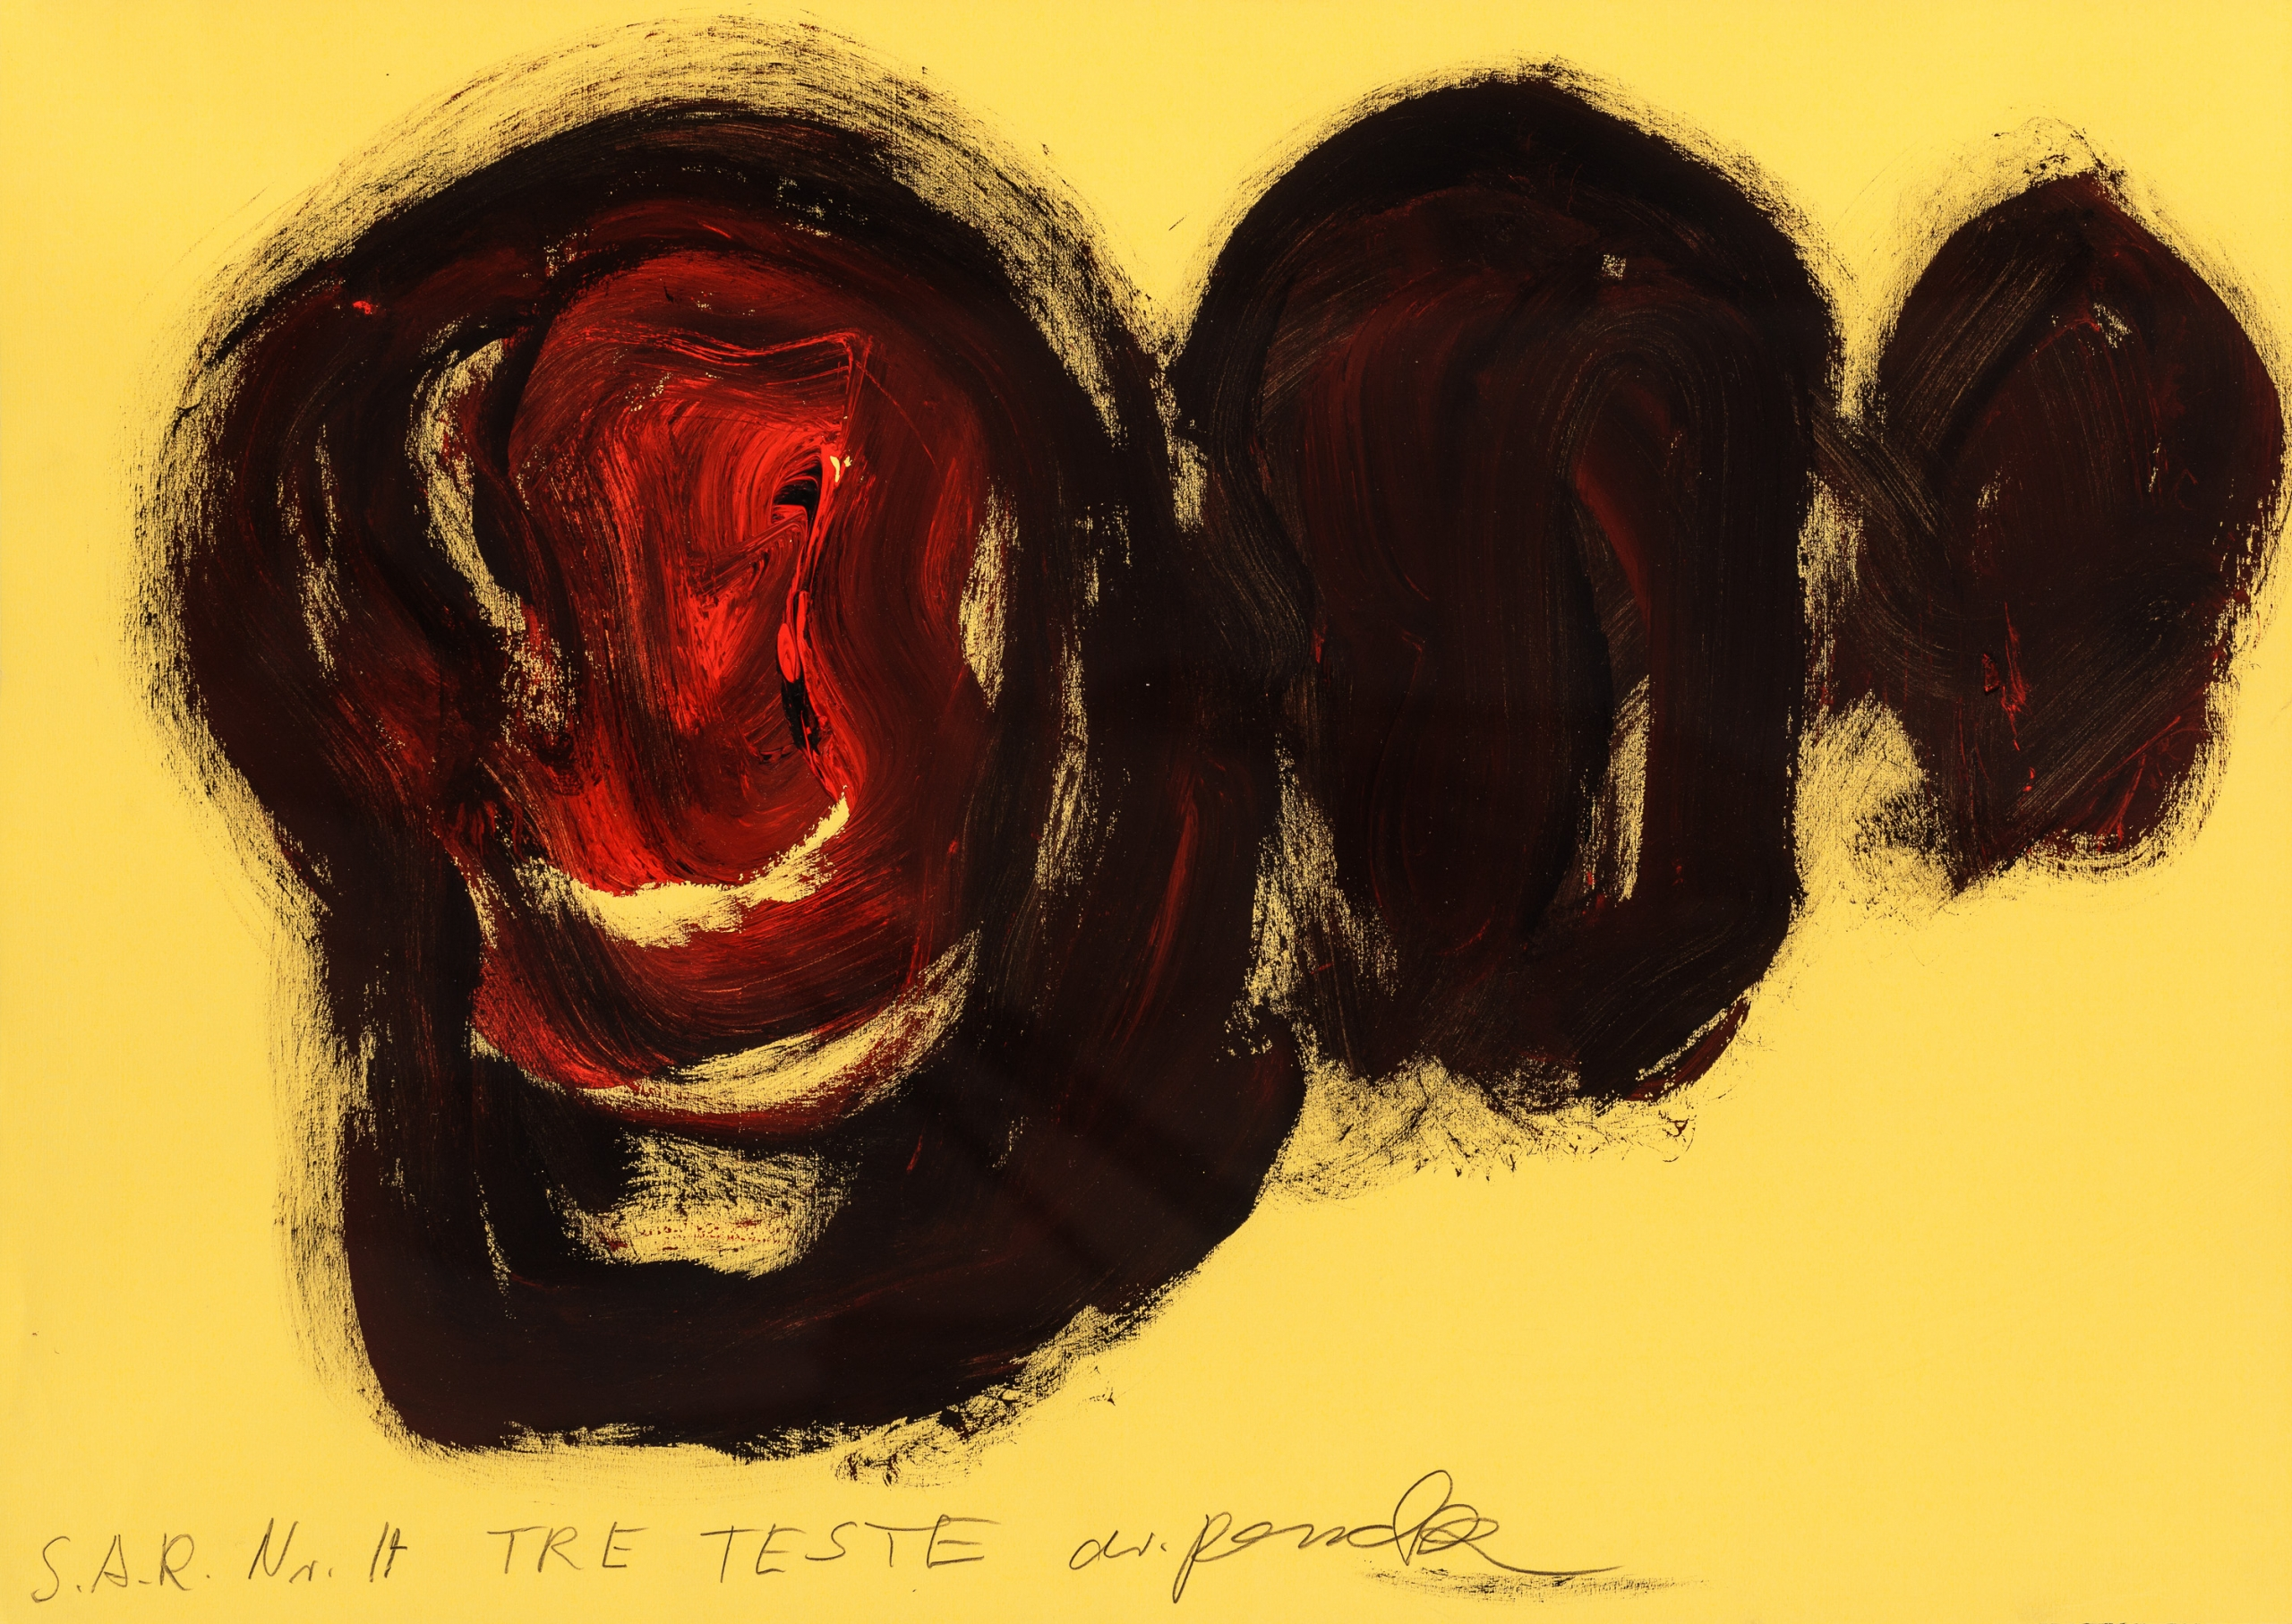 A. R. Penck, TRE TESTE (S.A.R. Nr. 17)